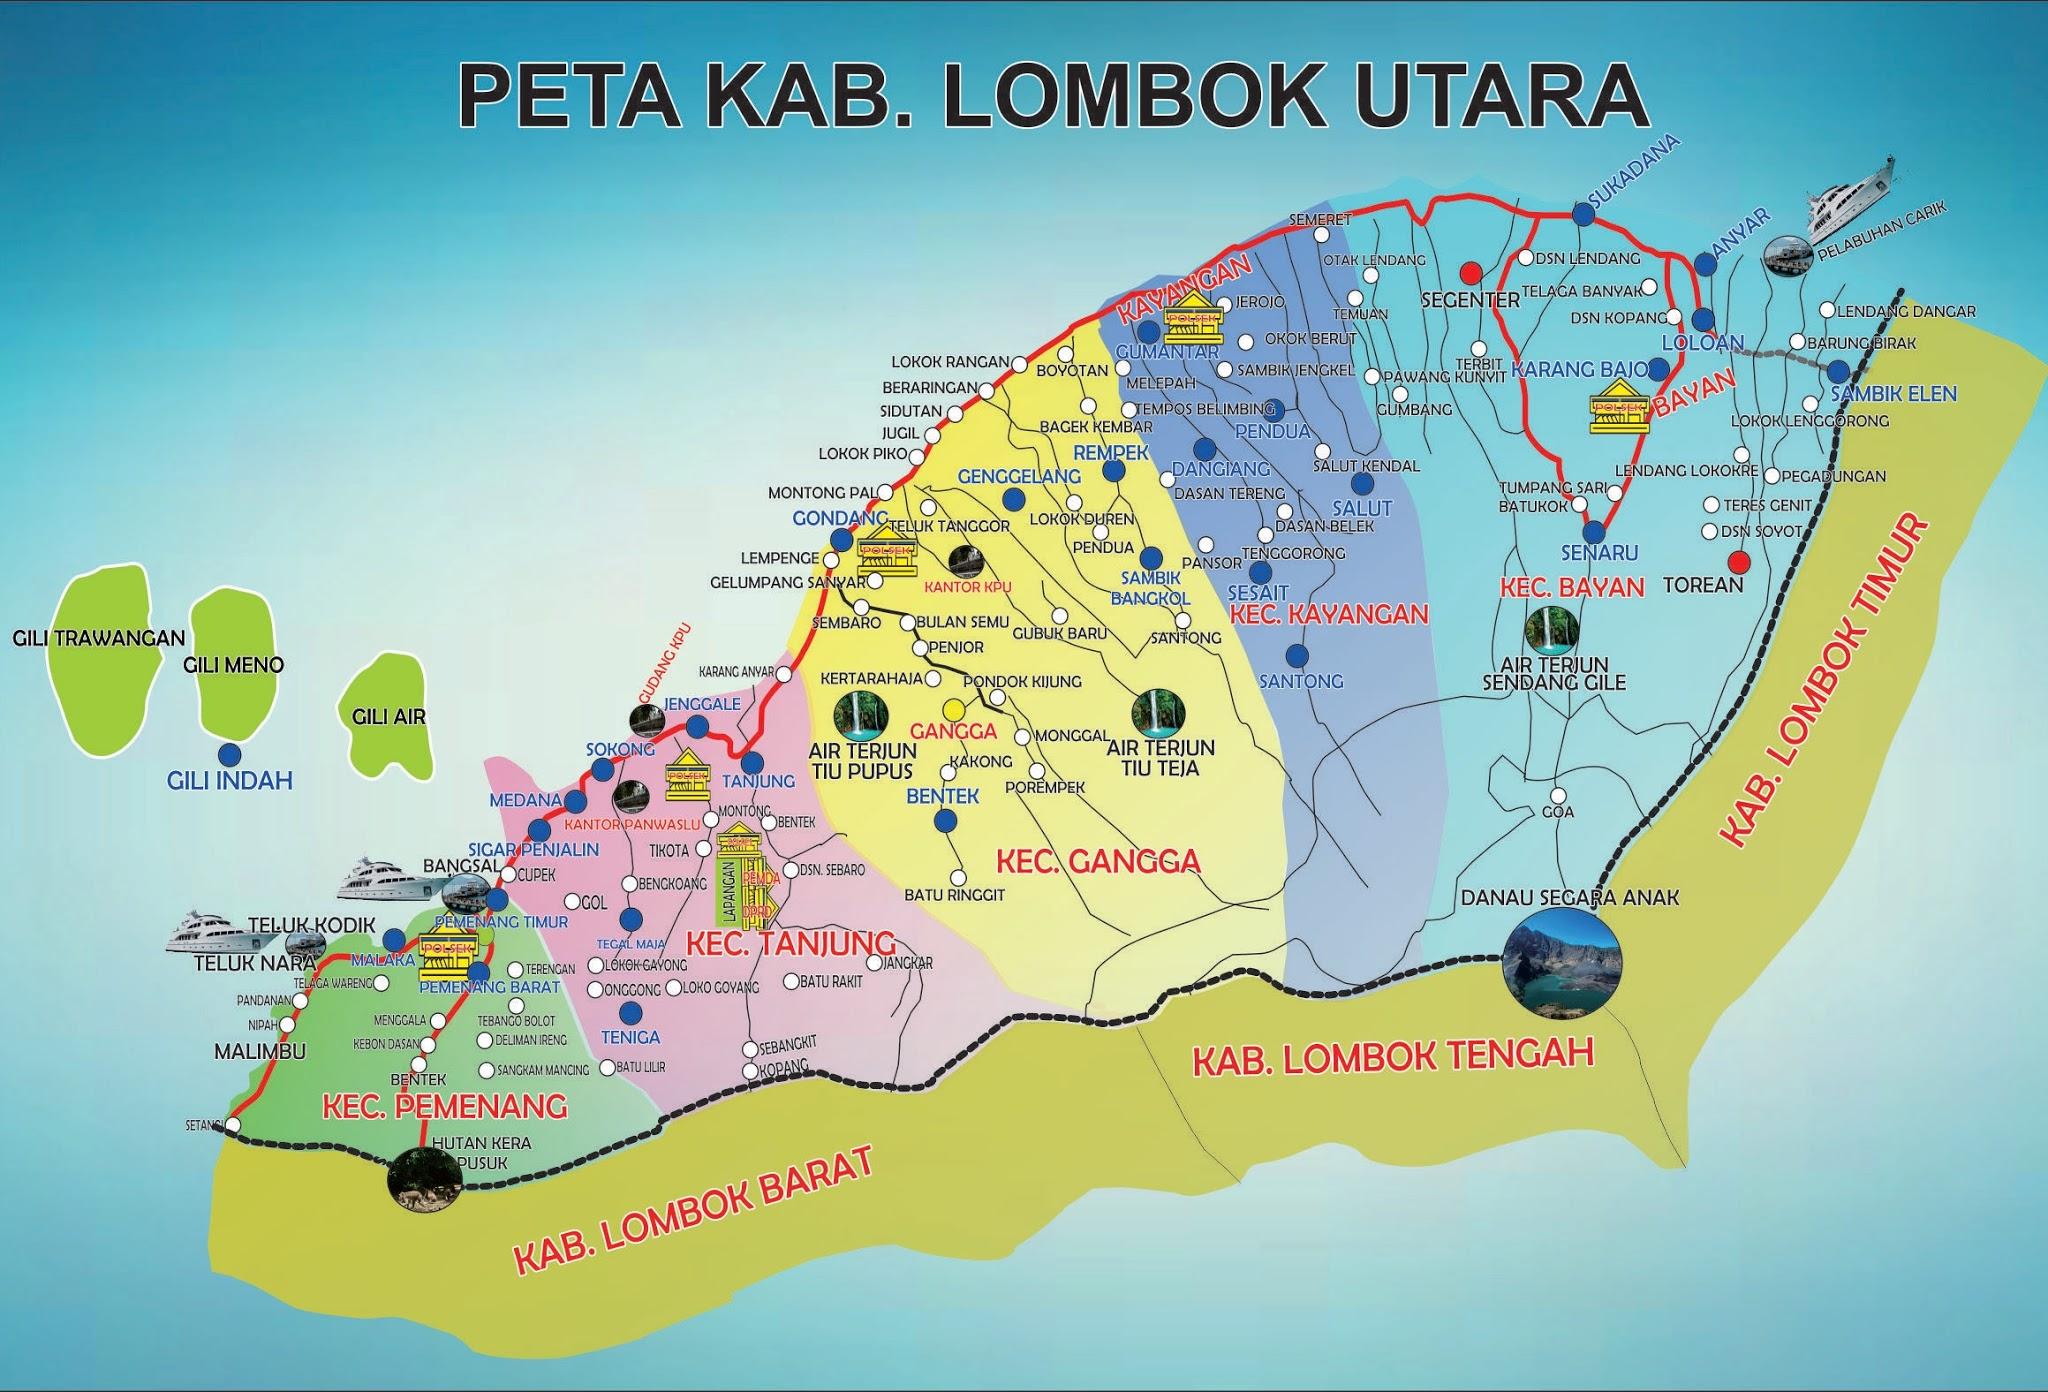 Peta Kota Kabupaten Lombok Utara Klu Pulau Gili Meno Kab